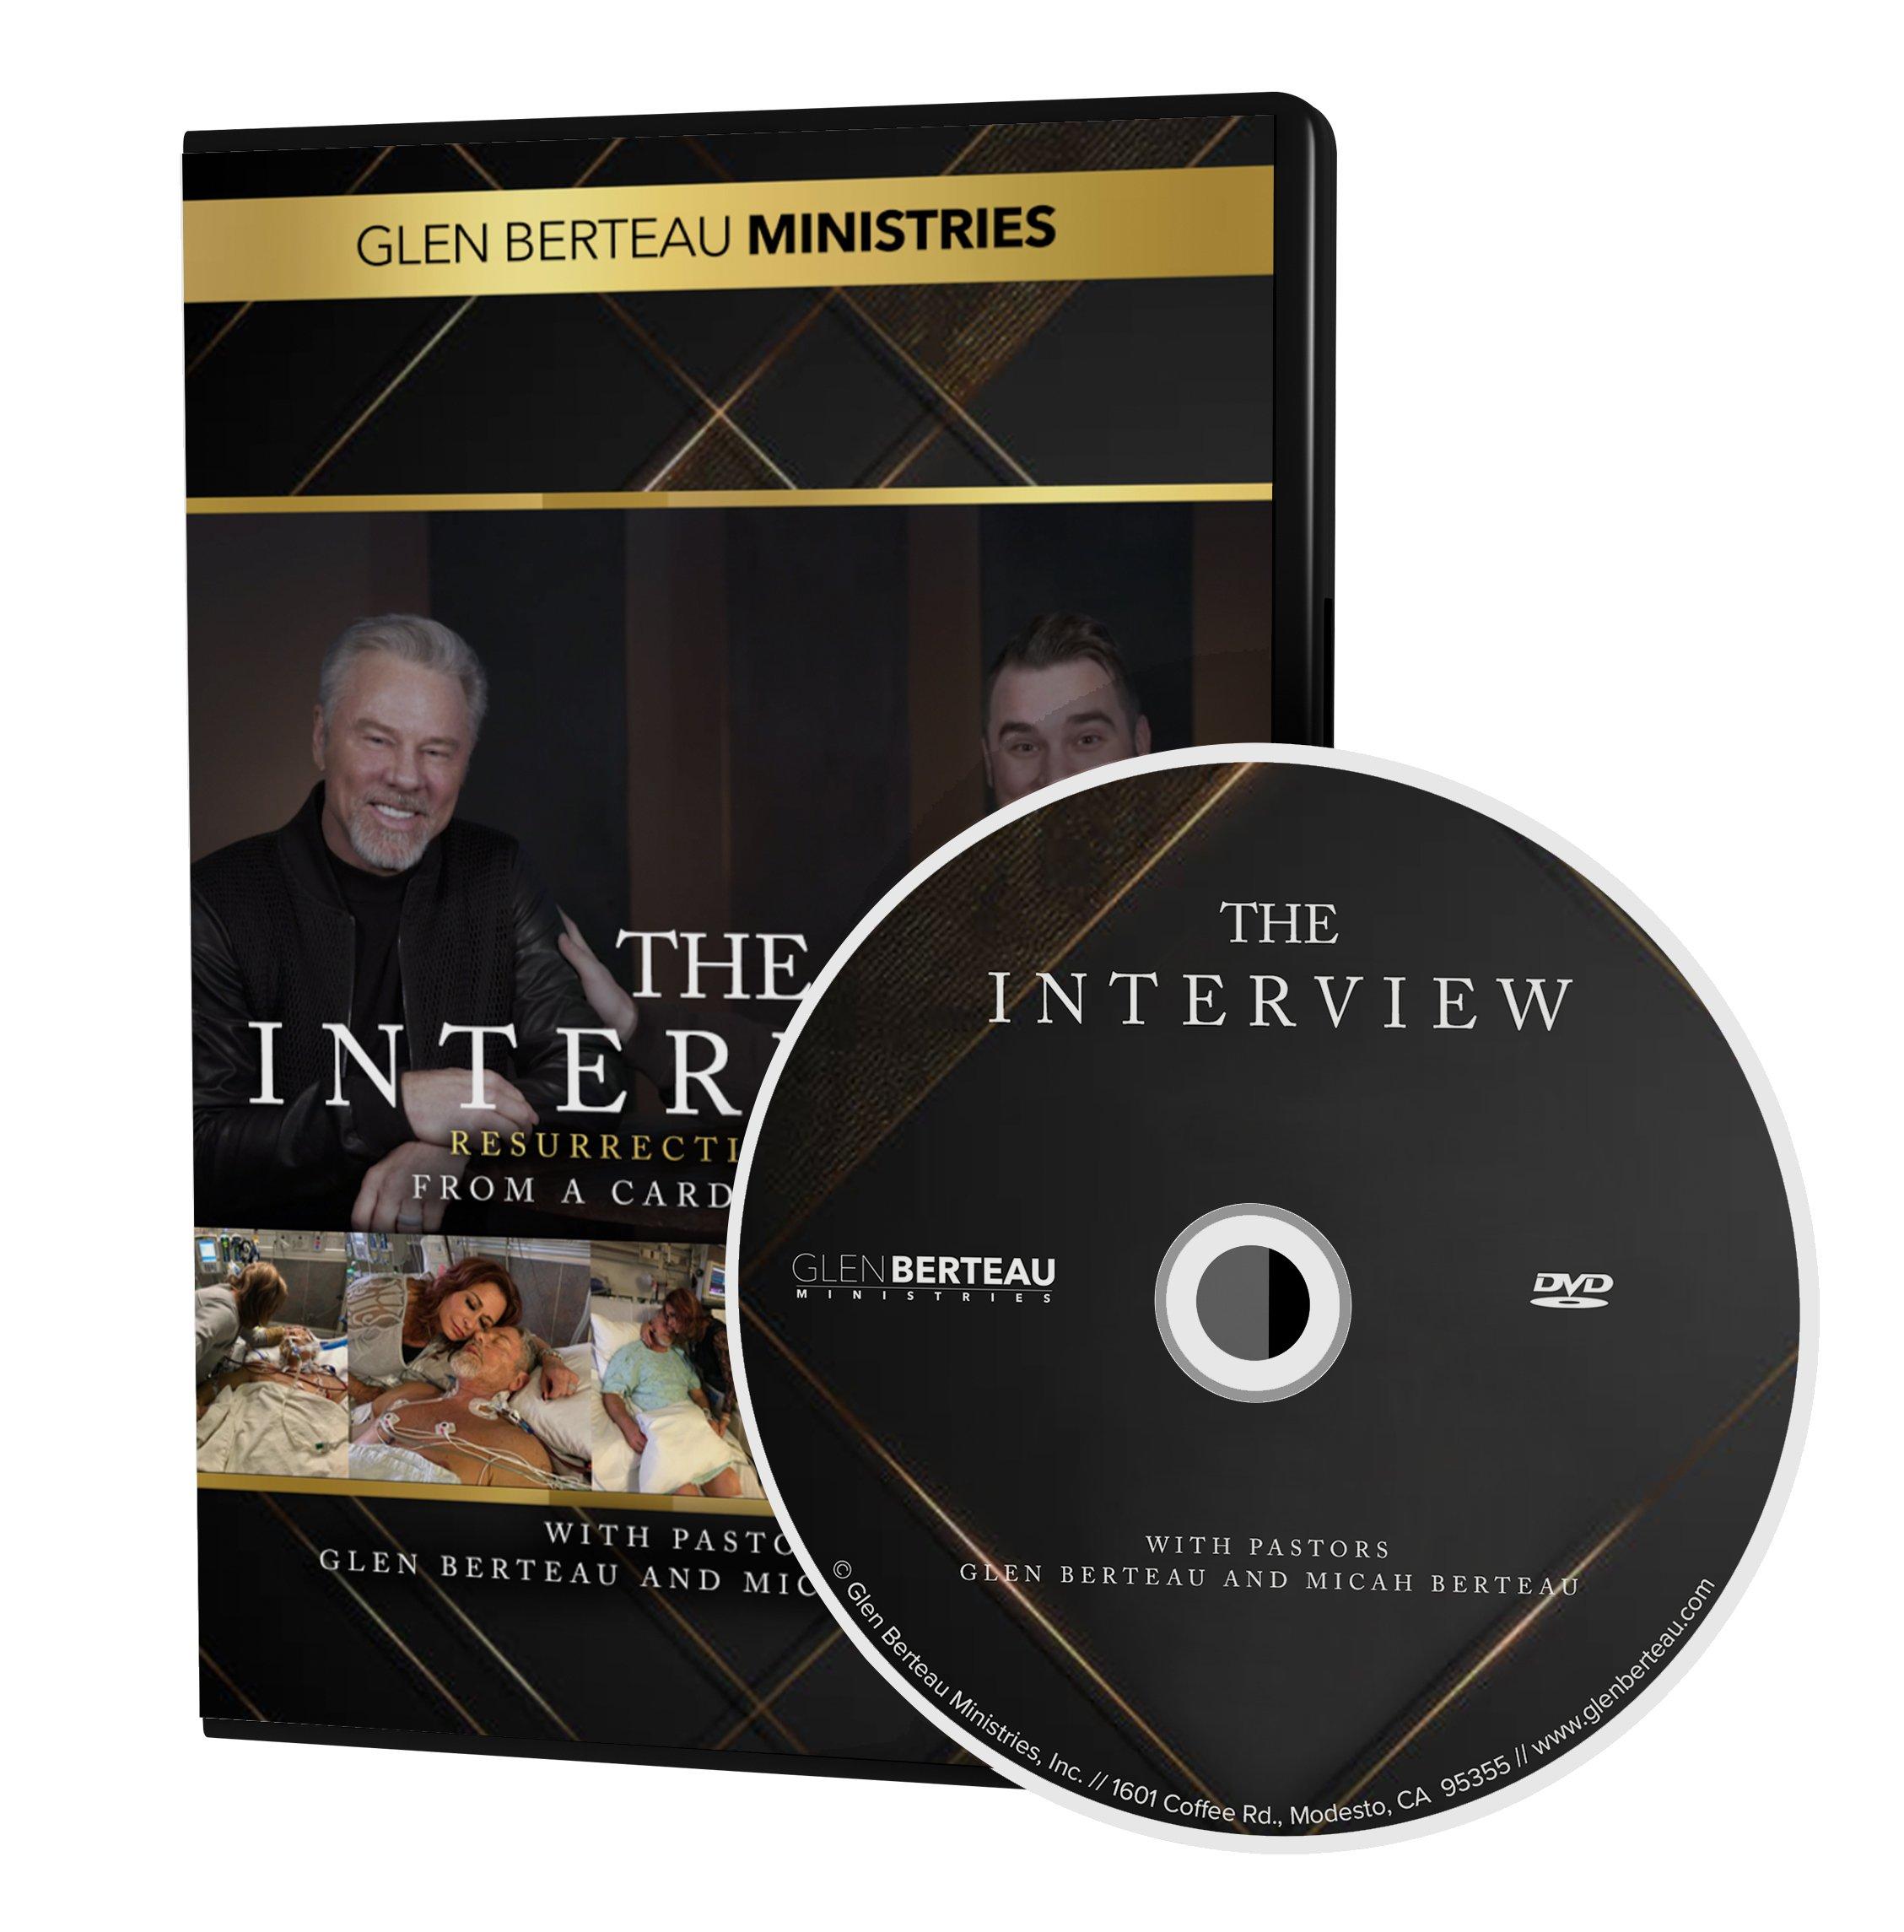 The Interview (Pastors Glen Berteau and Micah Berteau)